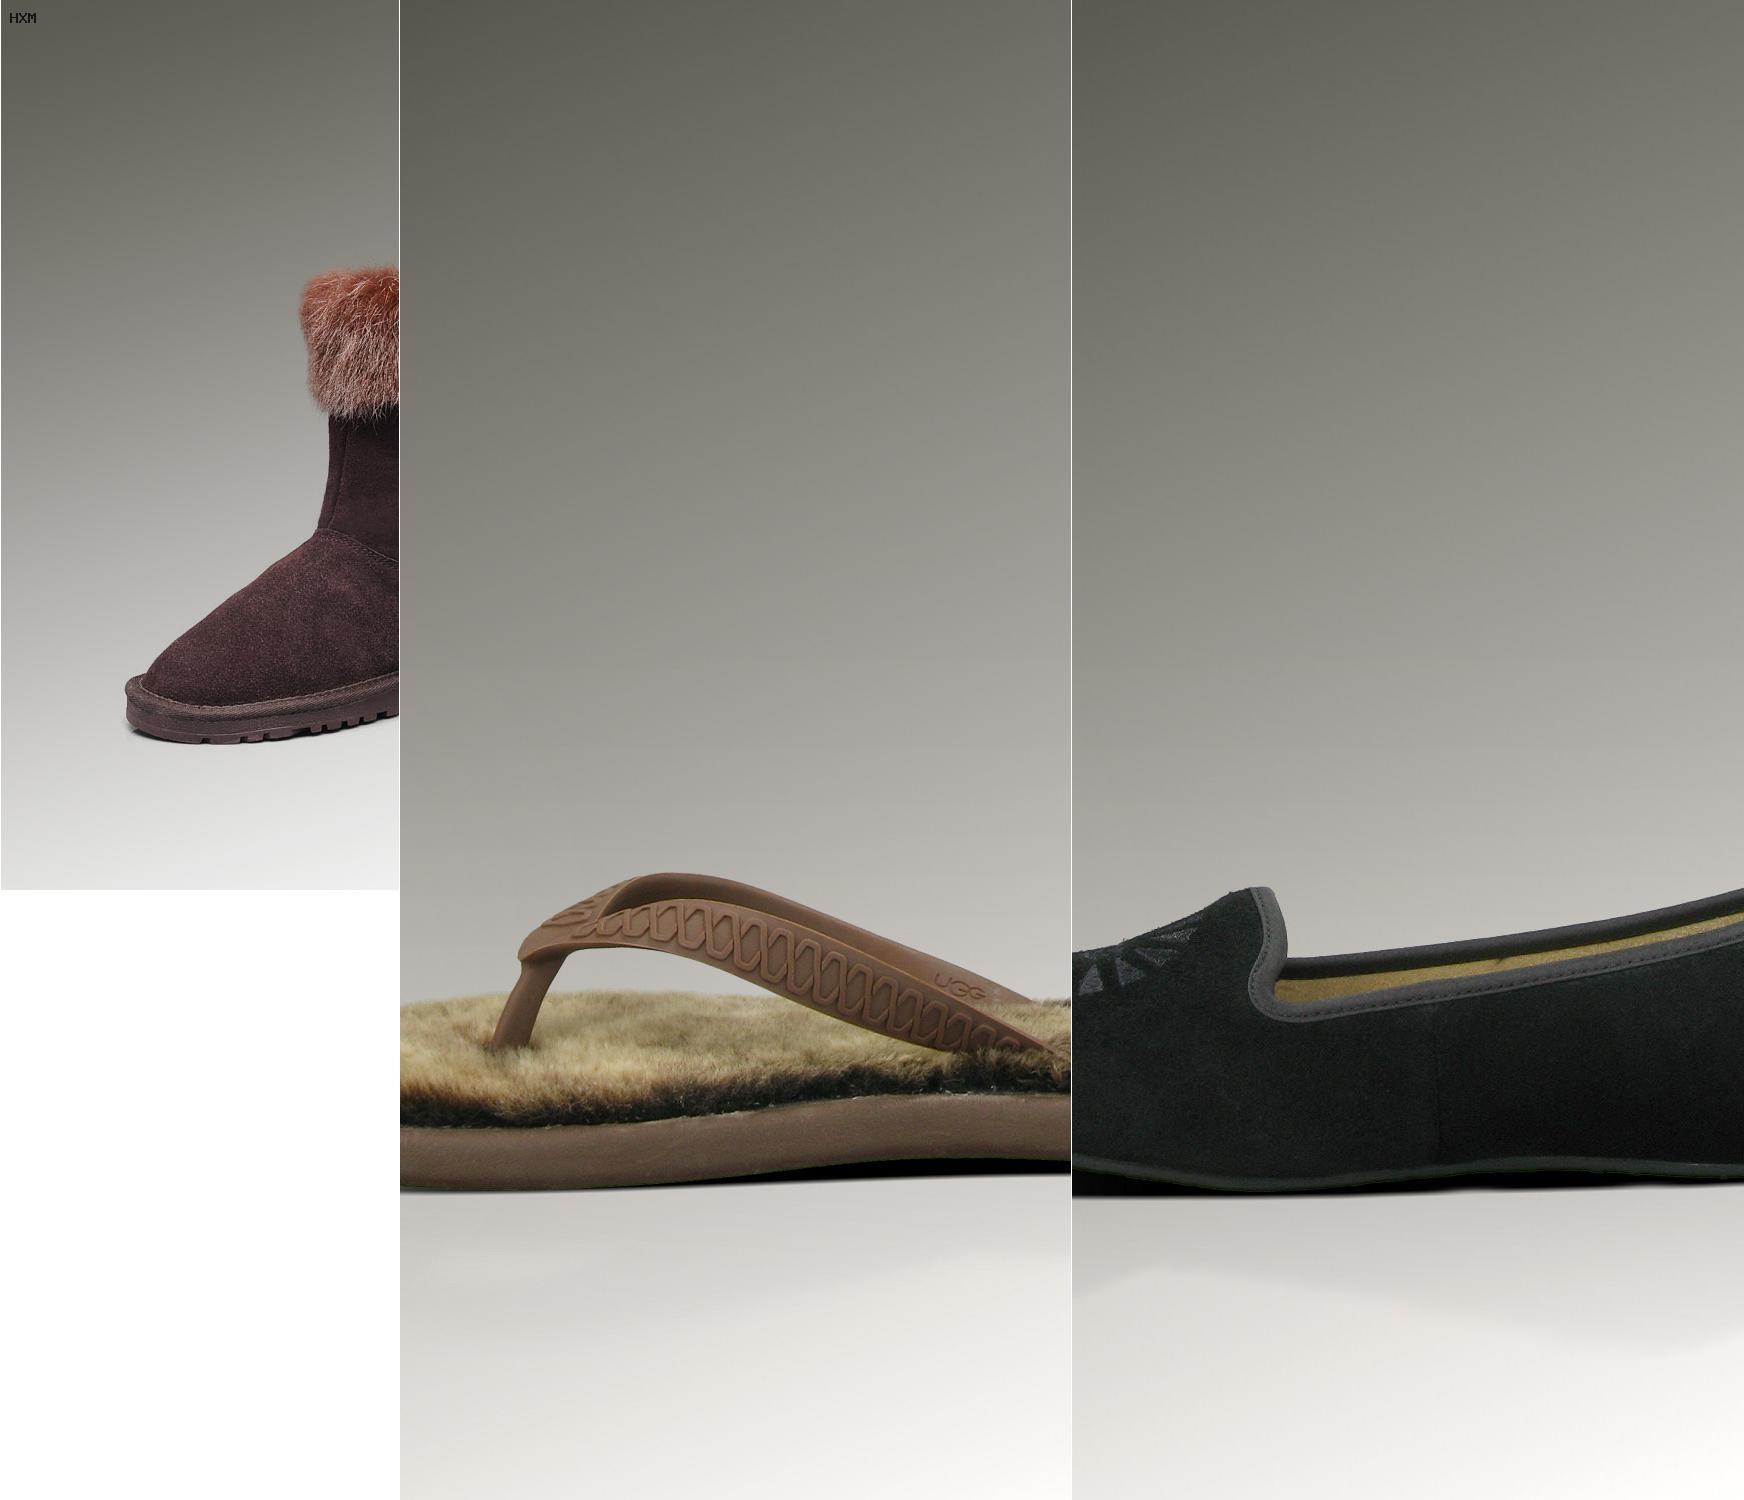 precio de las botas ugg en el corte ingles